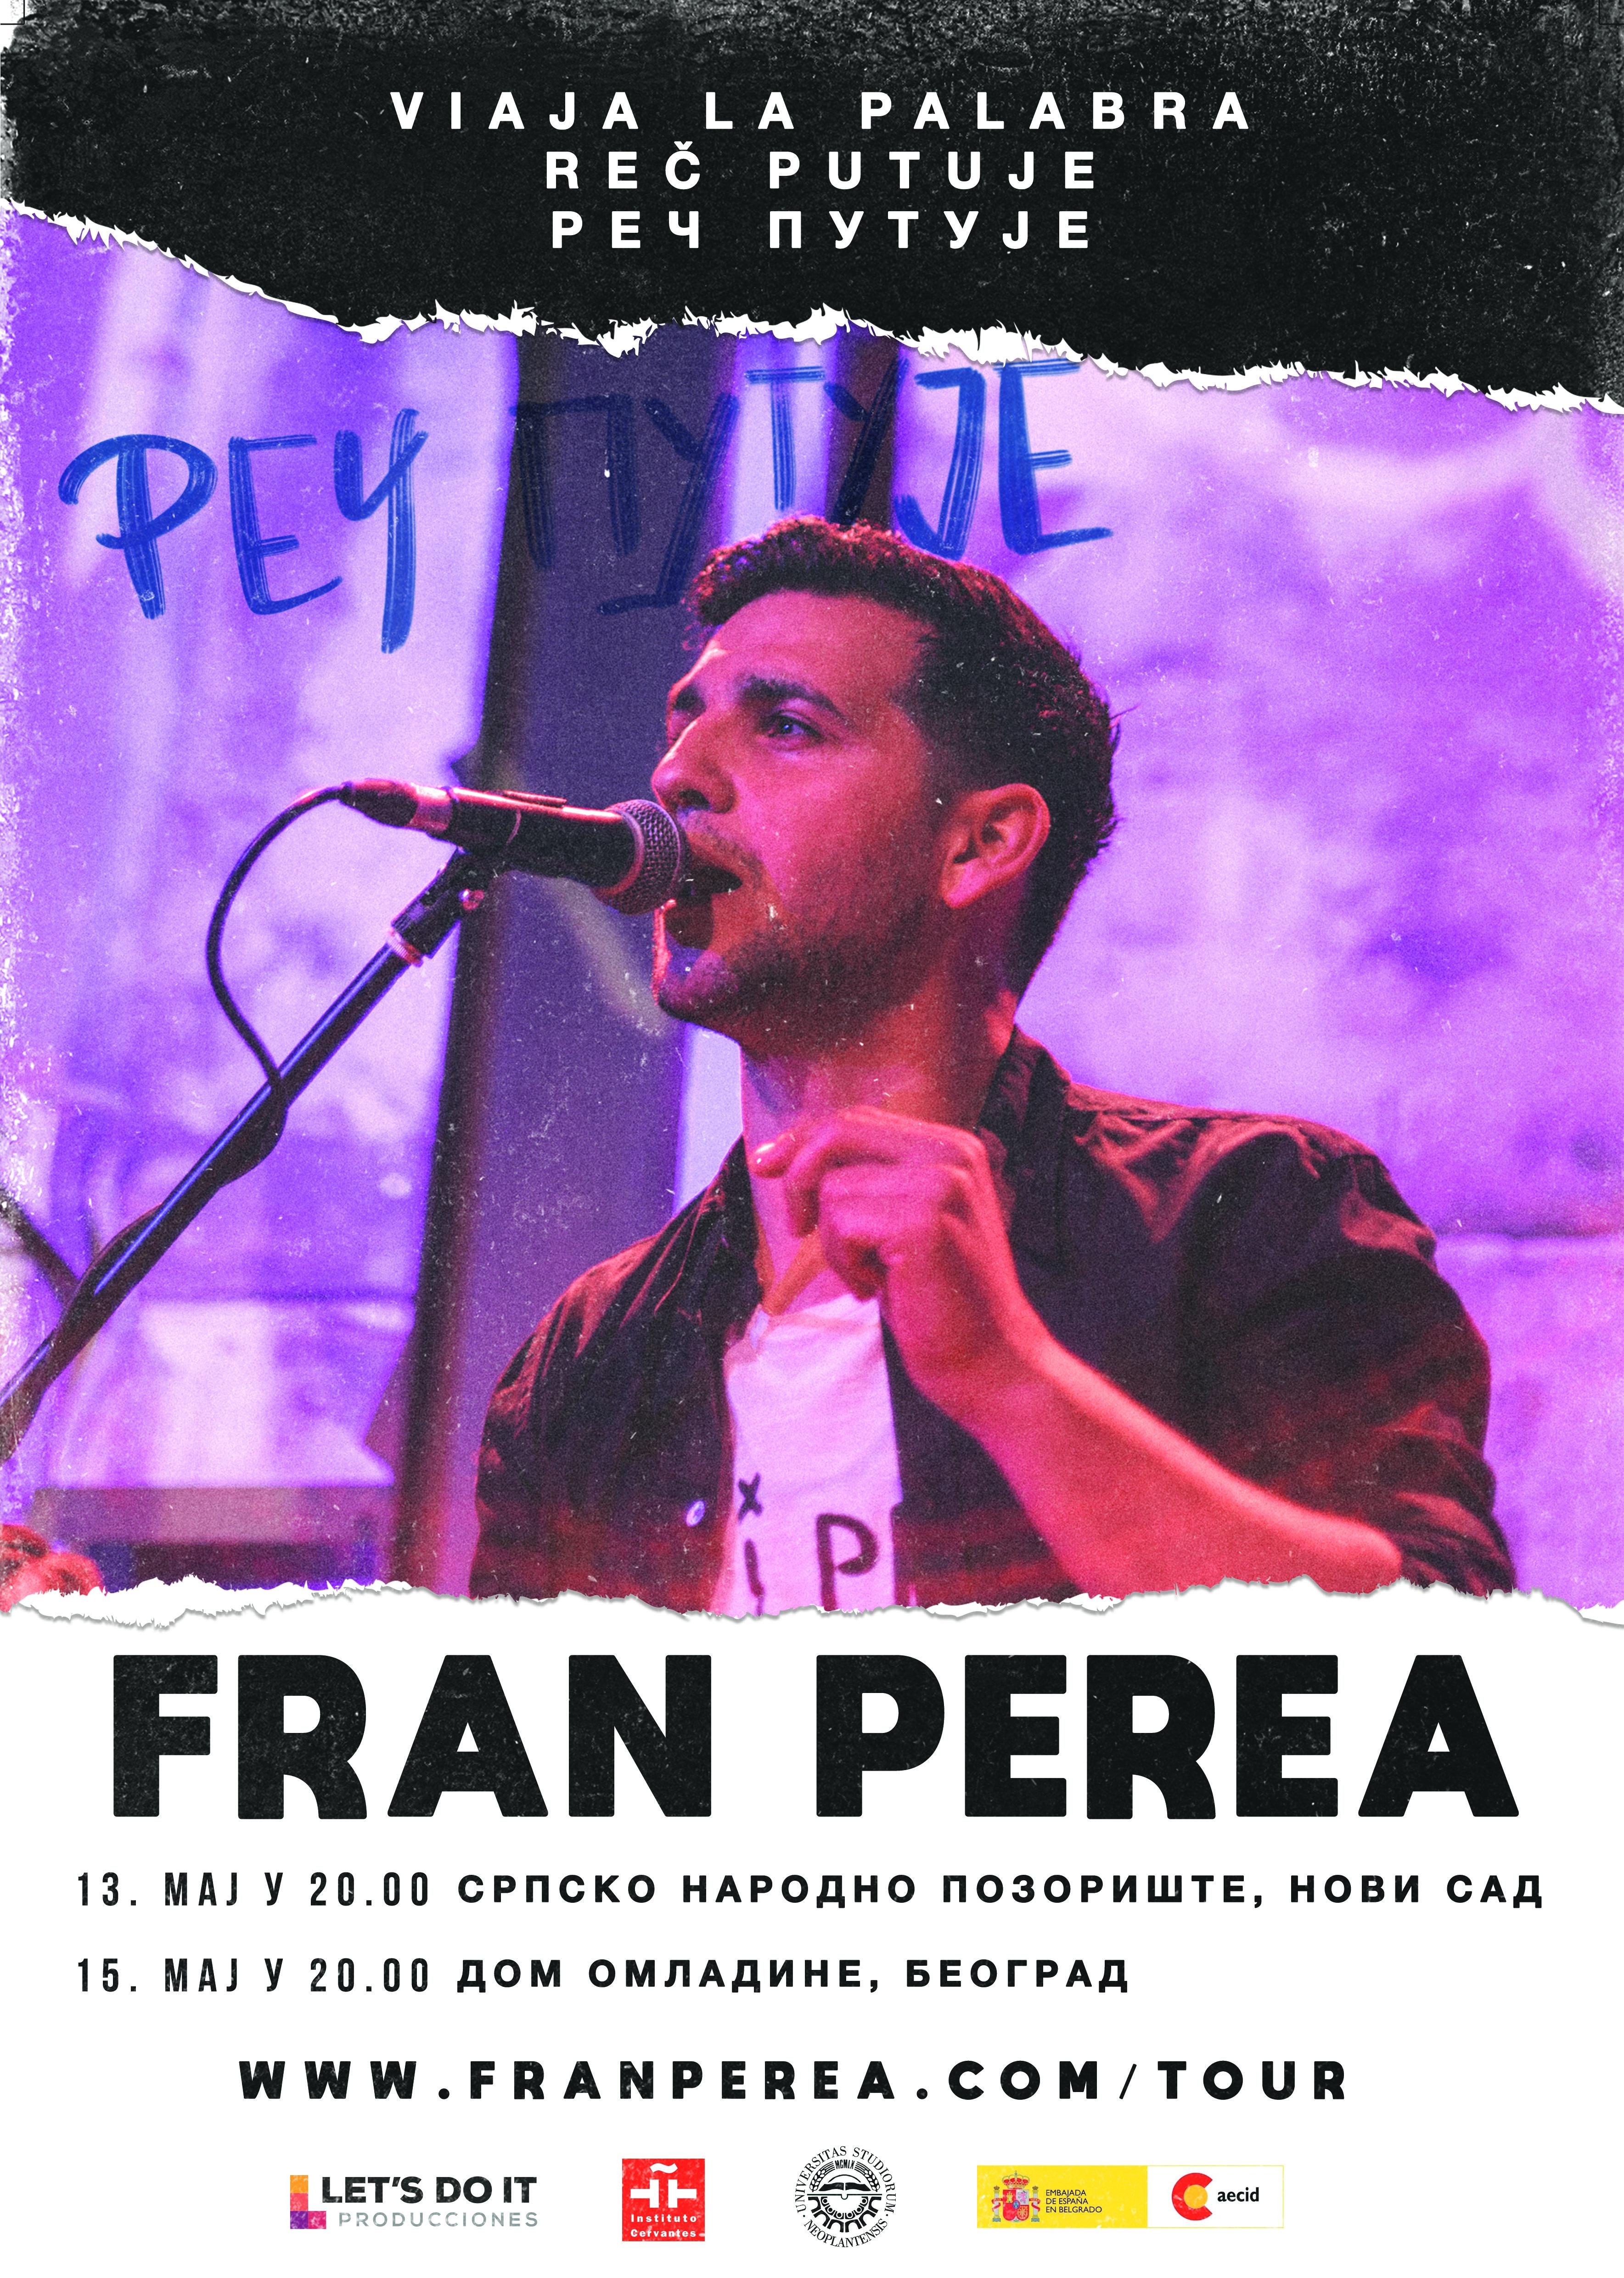 Fran Perea premijerno u Srbiji predstavlja svoj muzički projekat Reč putuje